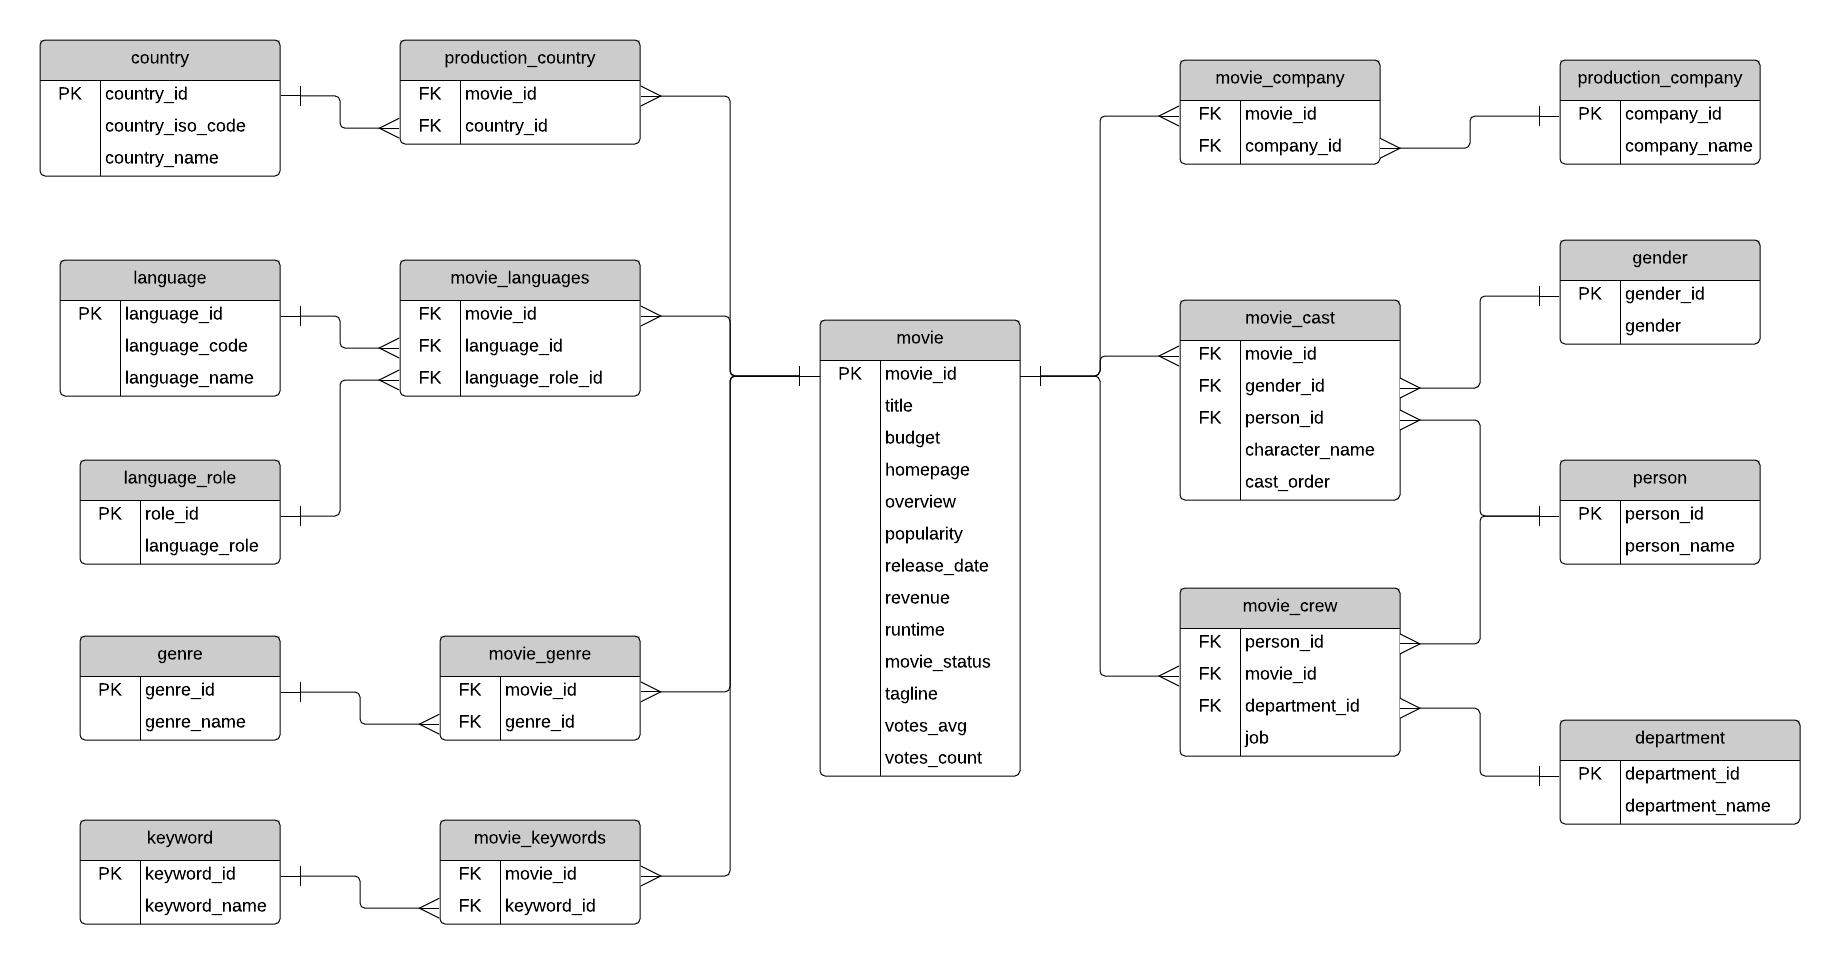 Sample Database: Movies (Erd And Sql) - Database Star intended for Database Design Erd